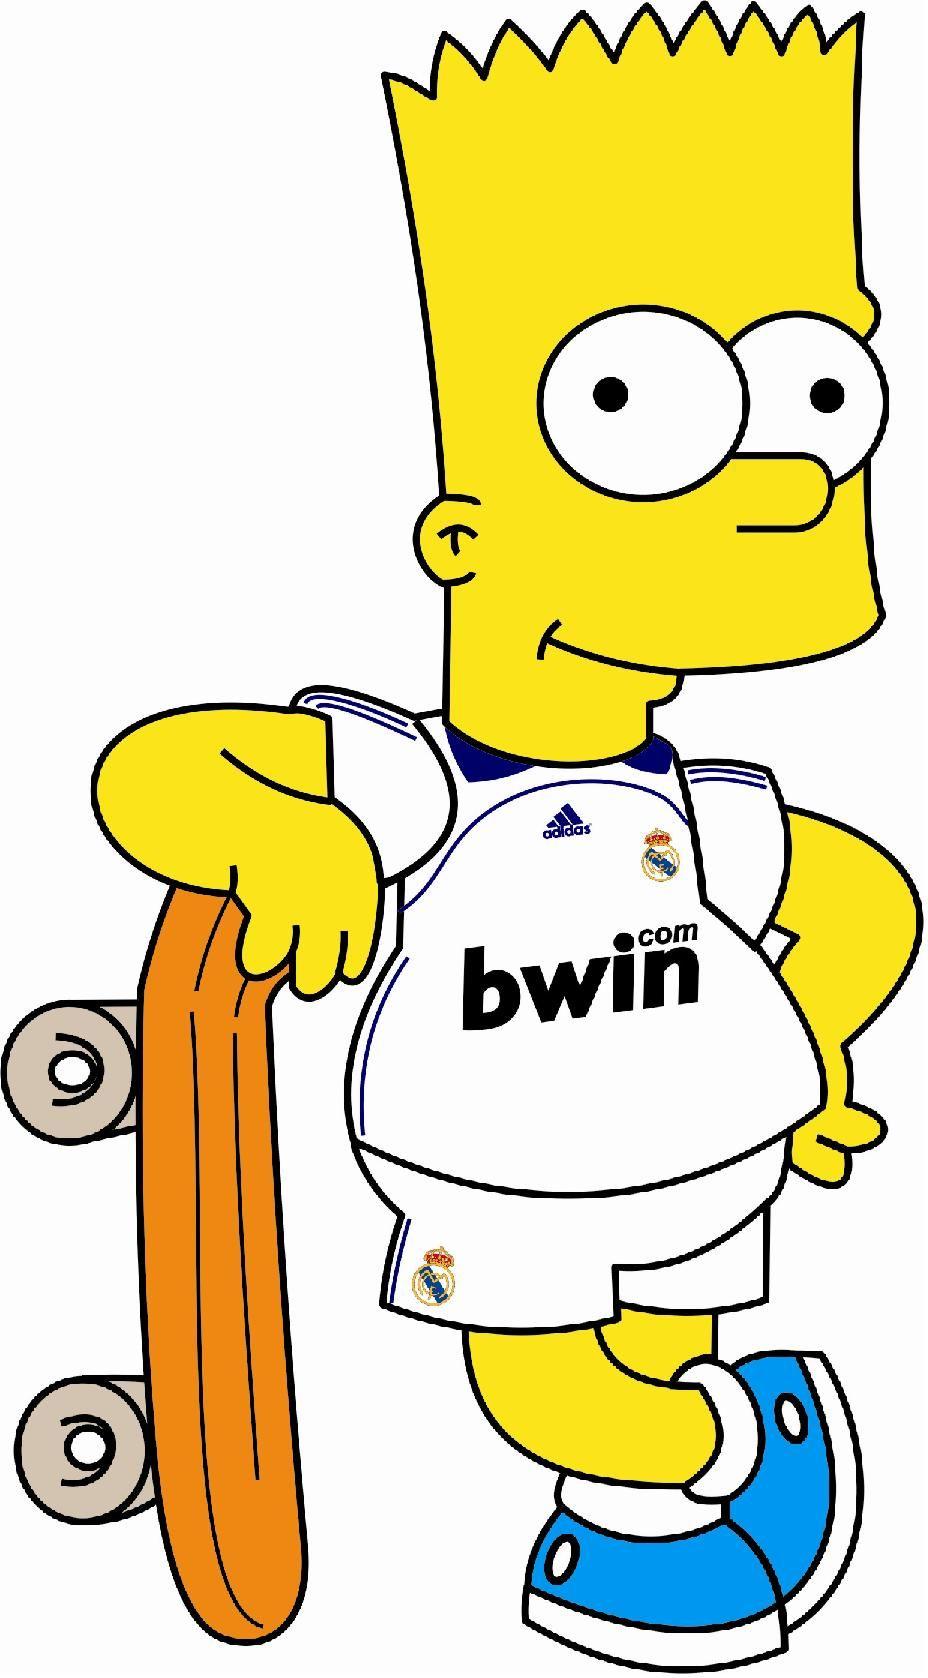 [LOTTERIA] El Clásico | Barcellona-Real Madrid! - Pagina 3 Simpso10